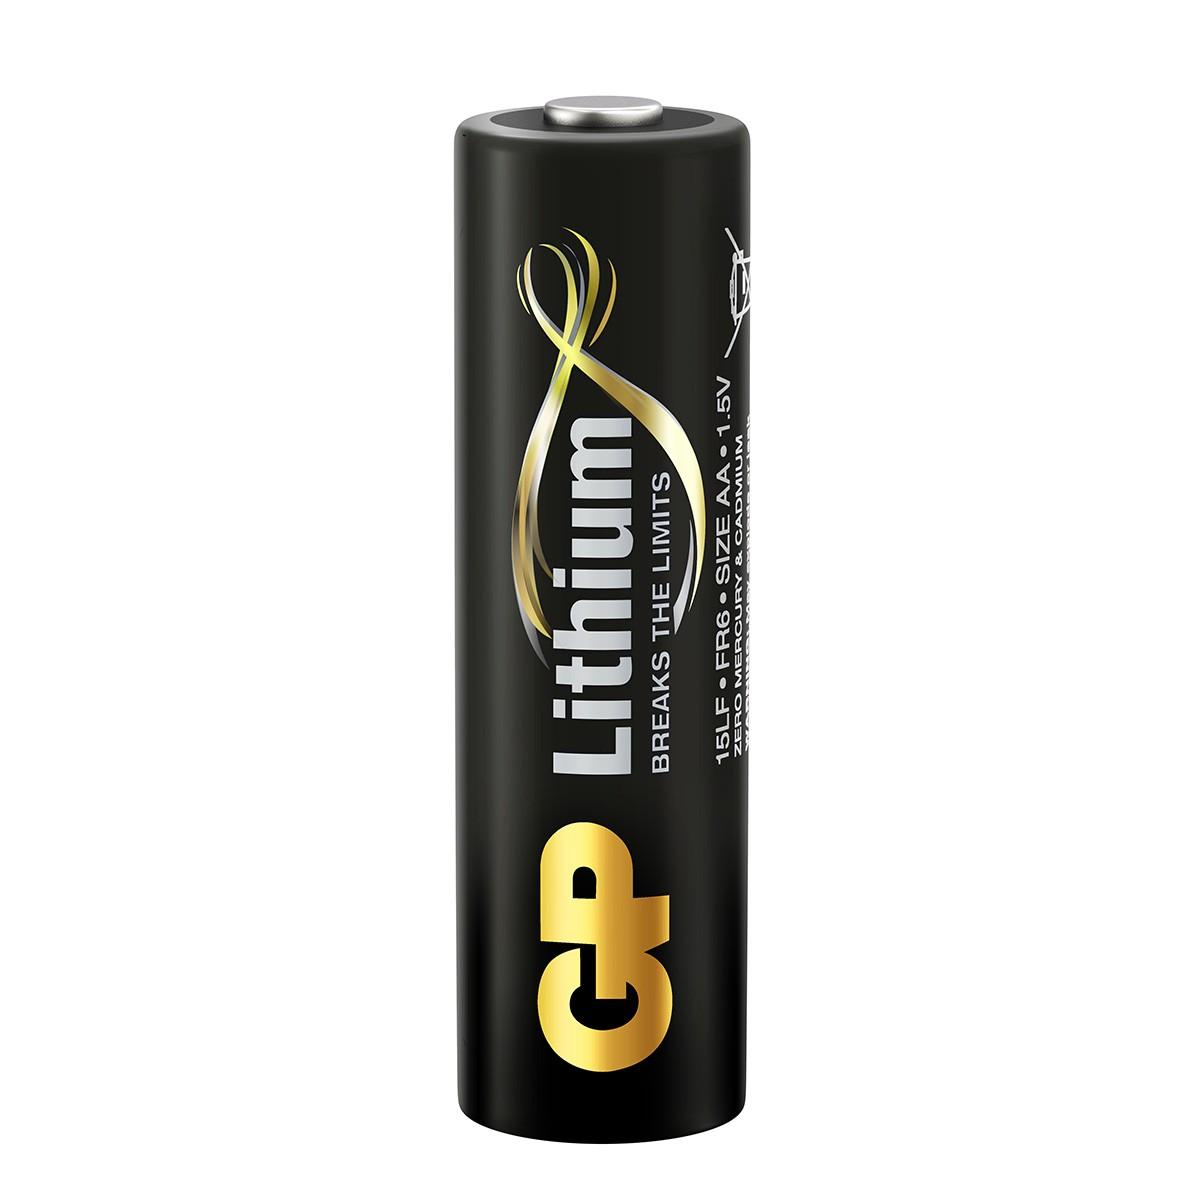 08 Baterias Pilhas AA Lithium 1.5V GP 4 cartelas